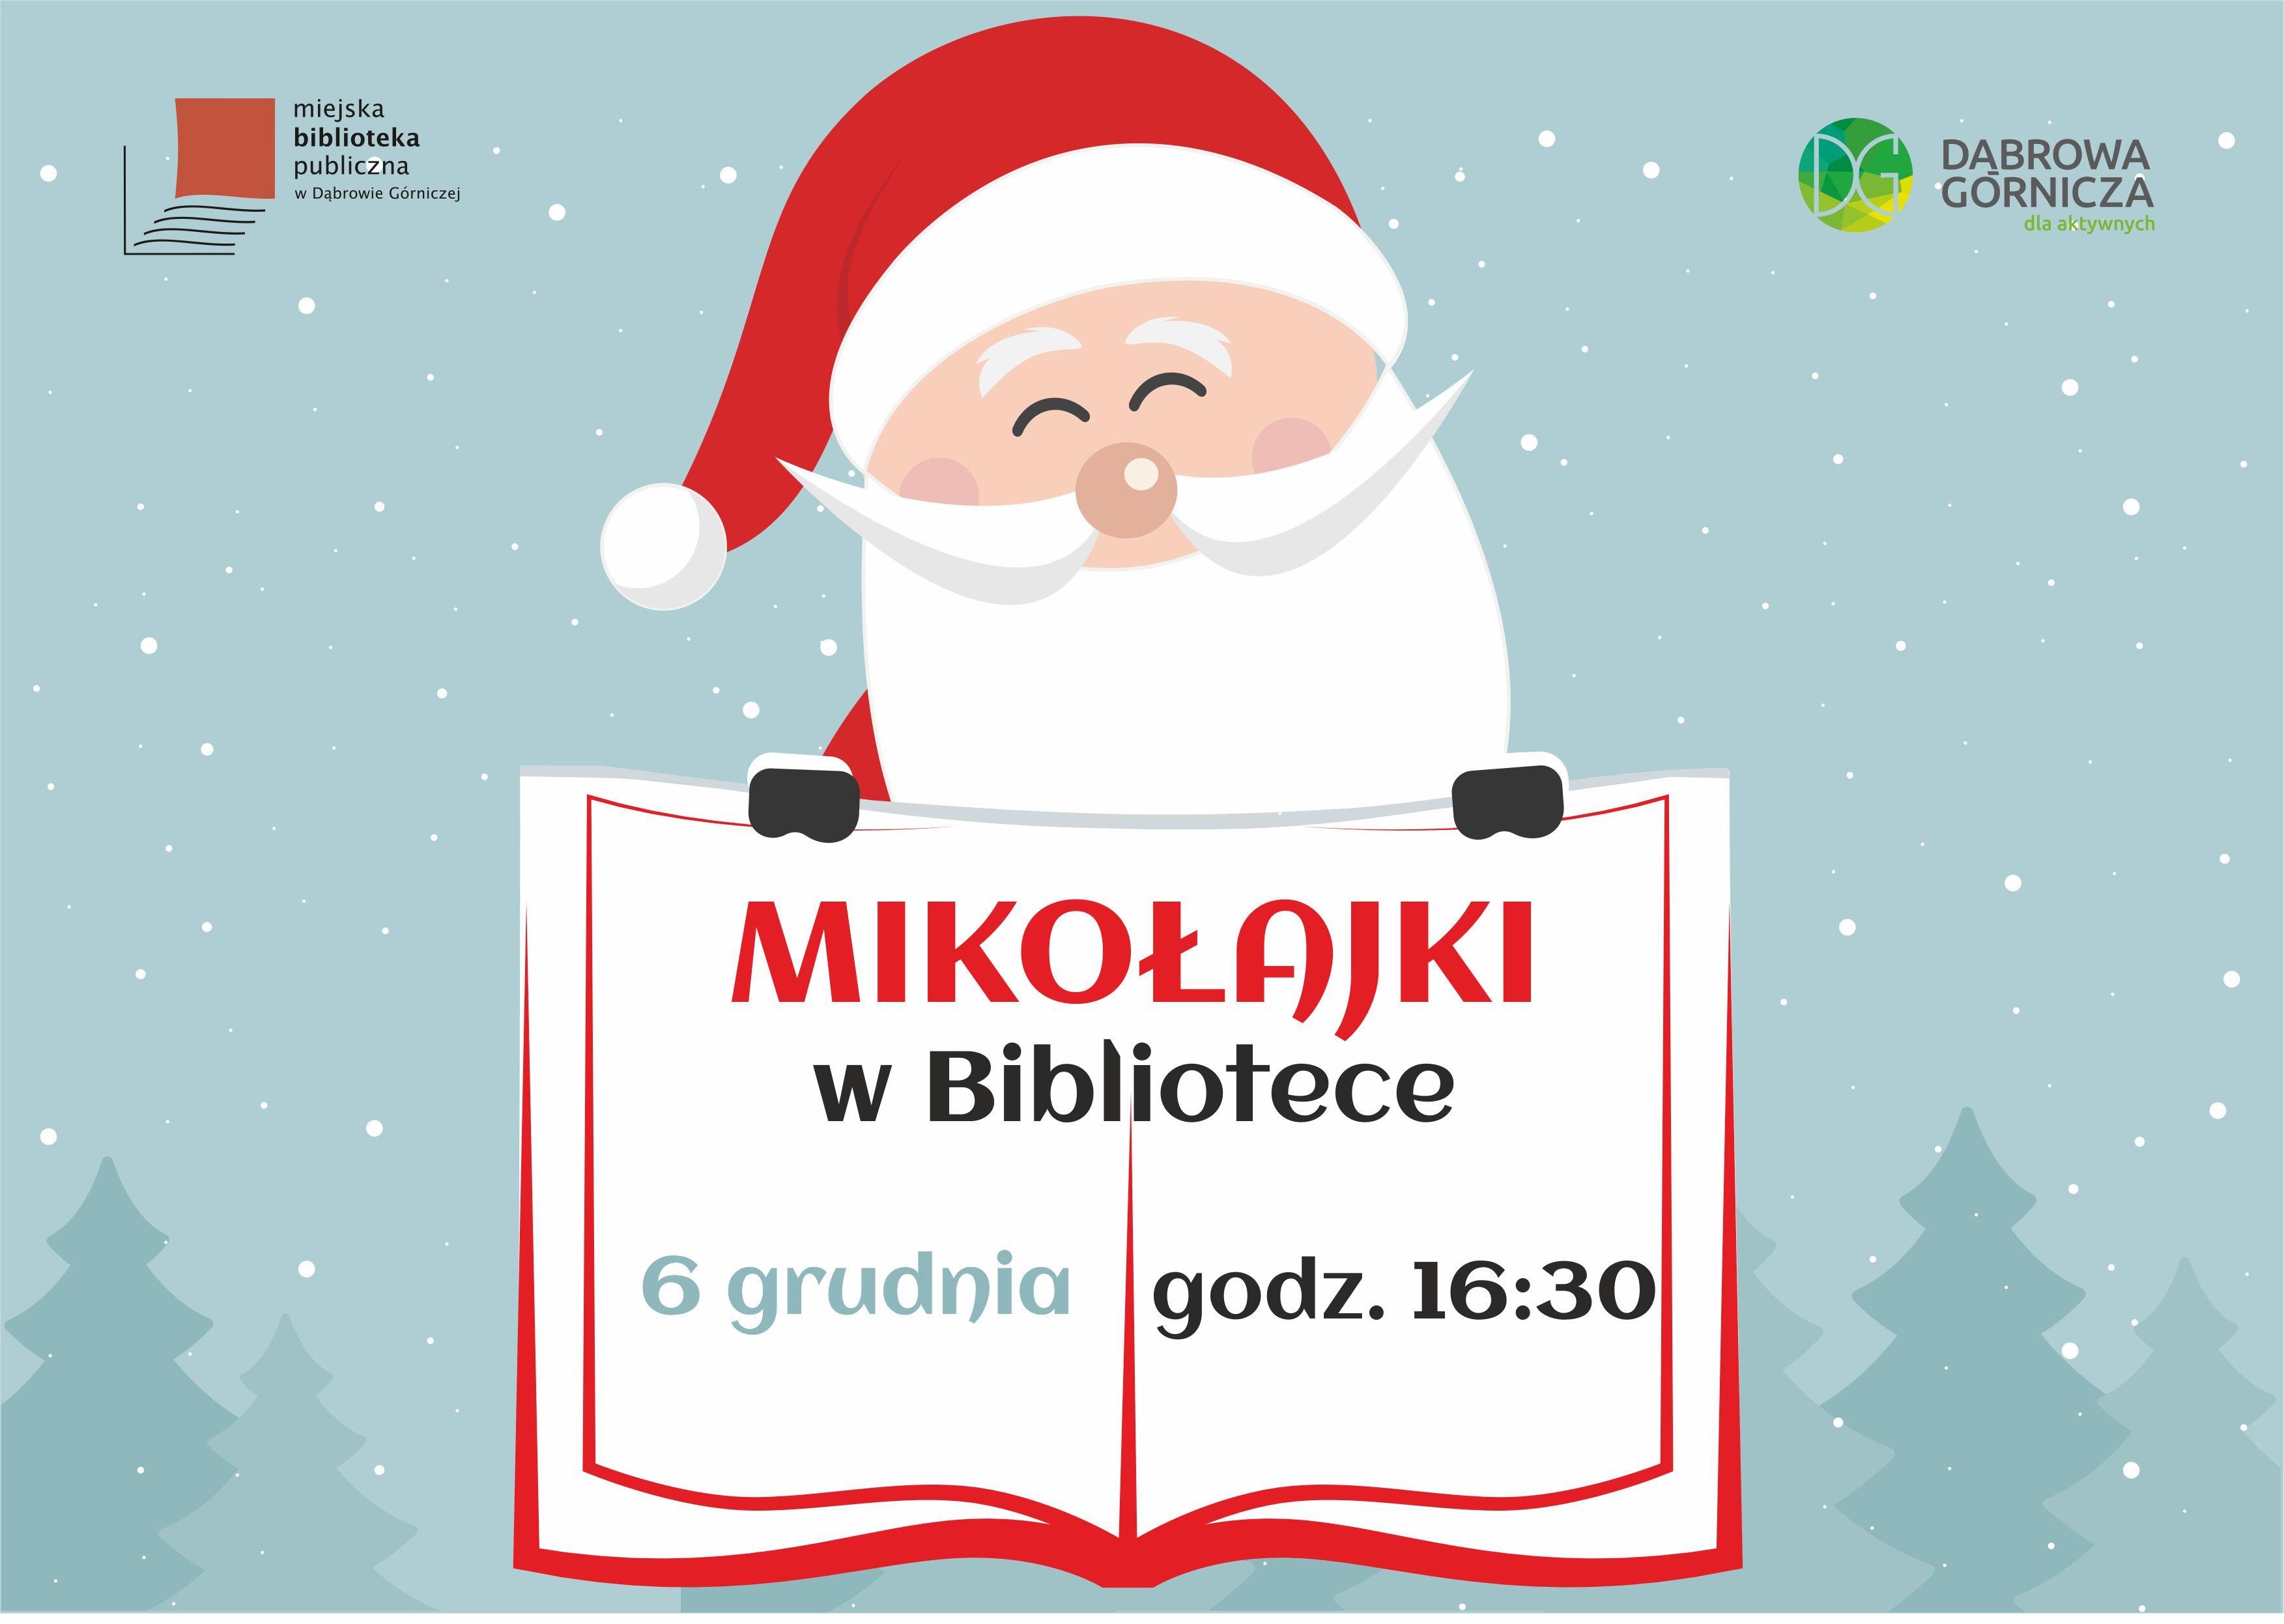 Mikołaj 2019 w dąbrowskiej książnicy